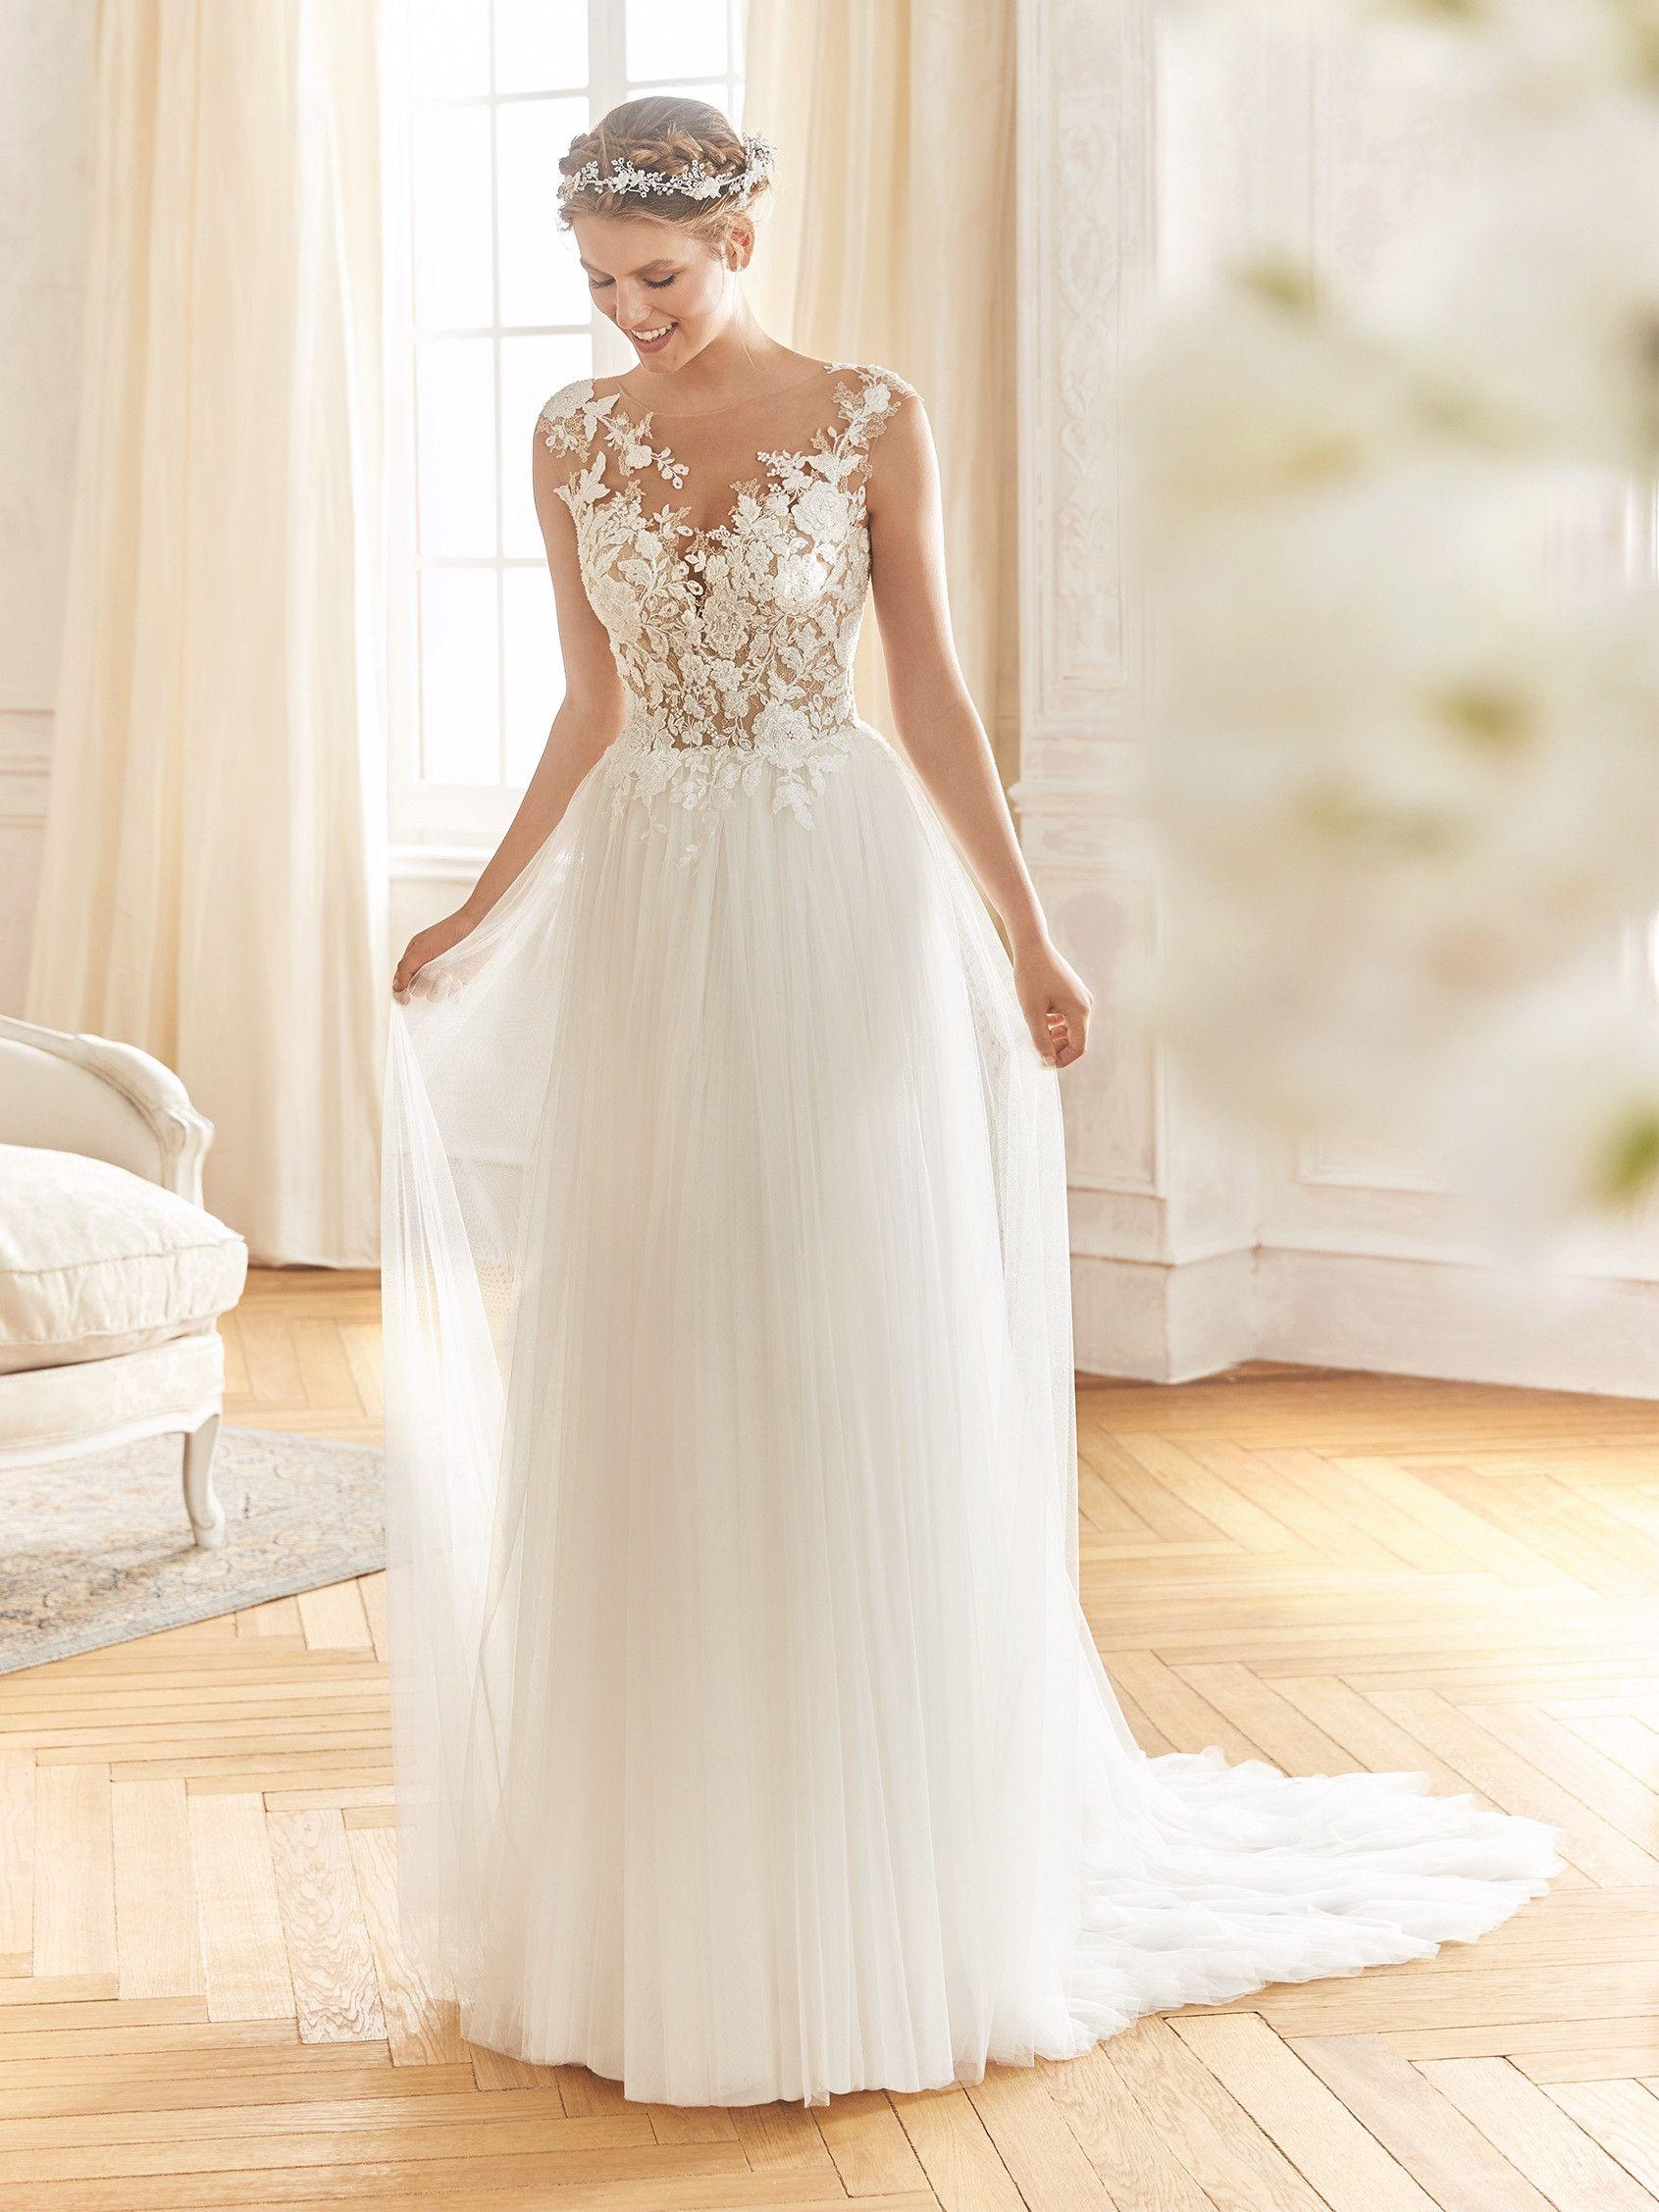 BARCINO. Brautkleid im Boho Stil mit ausgestelltem Rock und transparentem Ausschnitt #whiteembroidery